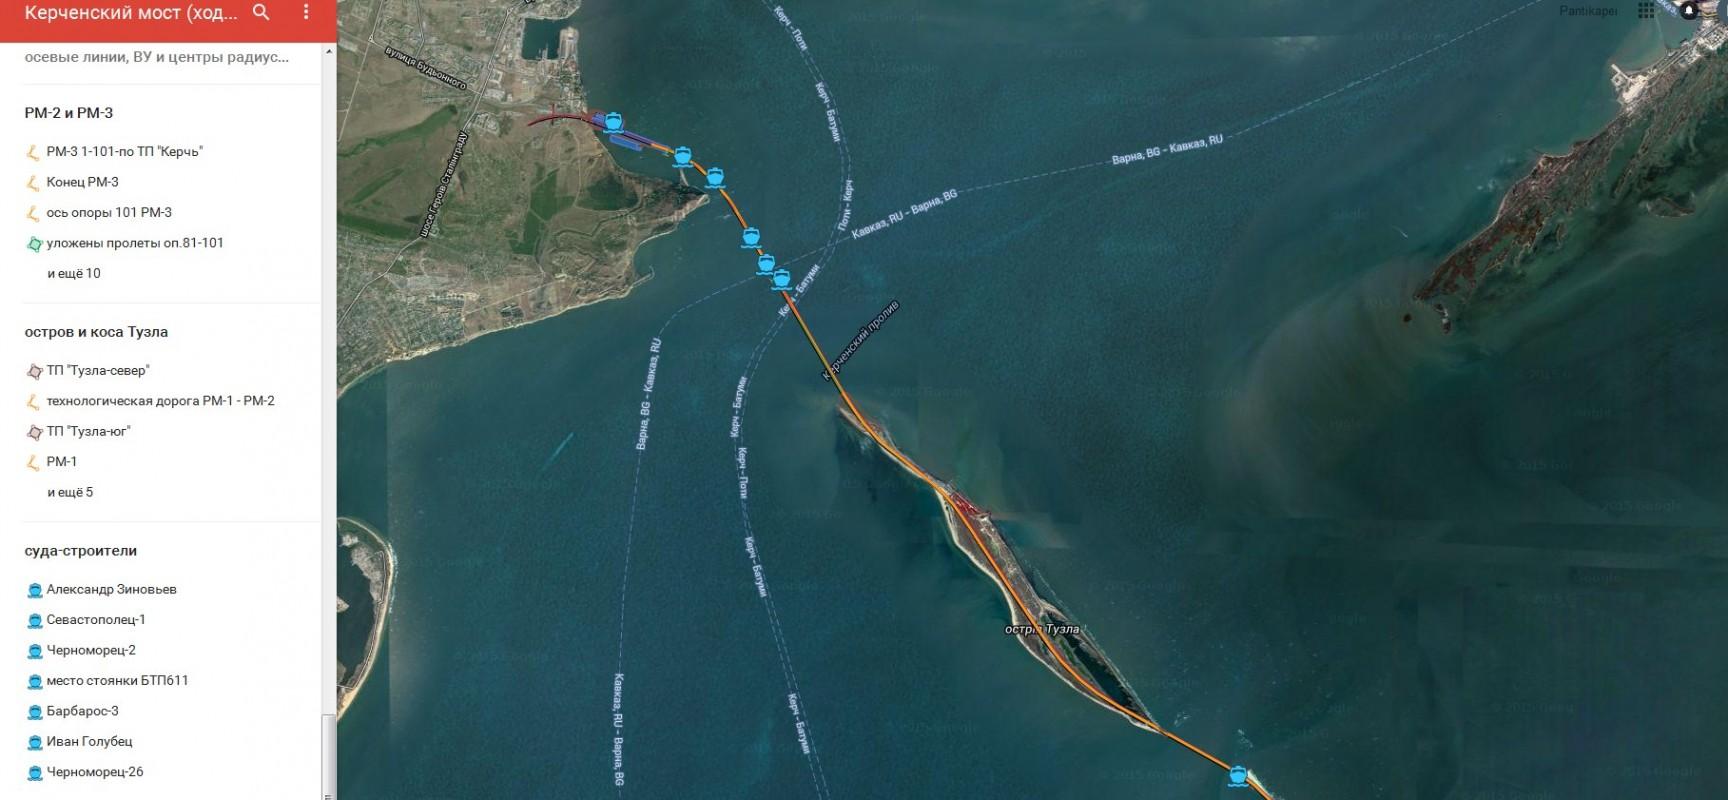 На карте отмечаются элементы проекта «Транспортный переход через Керченский пролив»